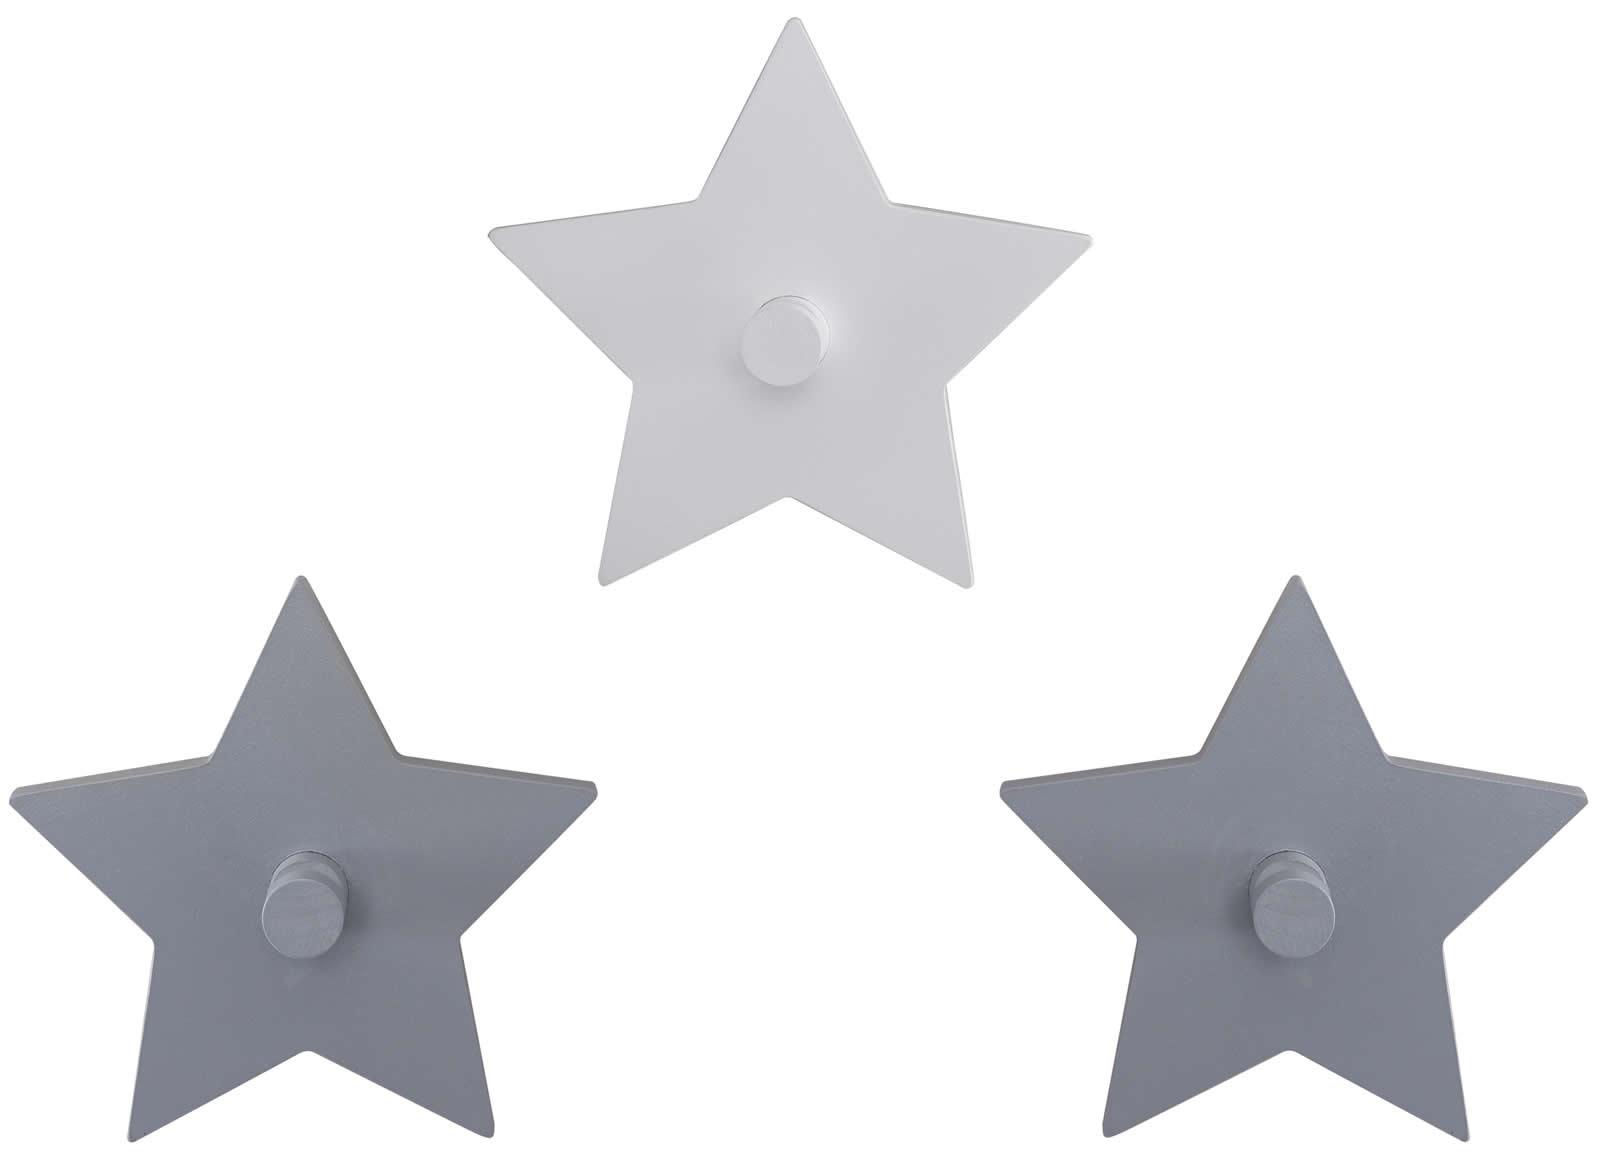 Gewaltig Garderobenhaken Kinderzimmer Sammlung Von Roba Wandhaken Sterne 3-tlg Garderobe Little Stars